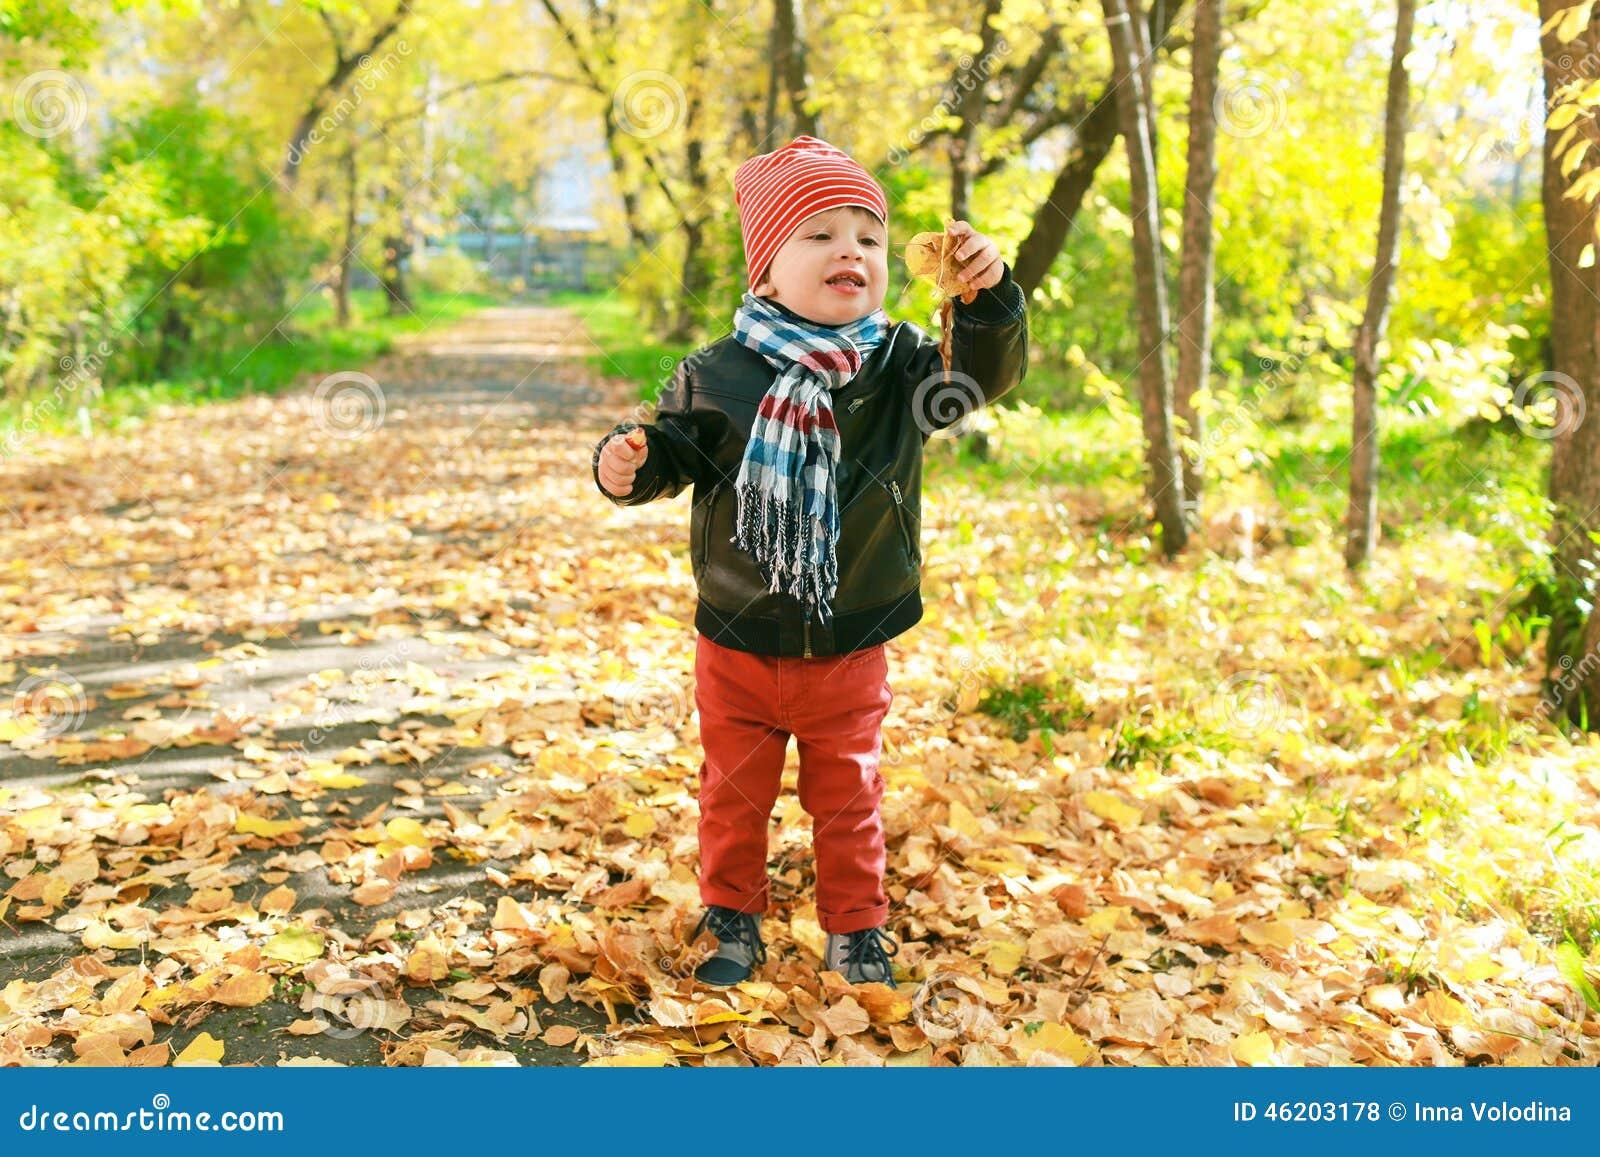 Детские картинки с изображением осени